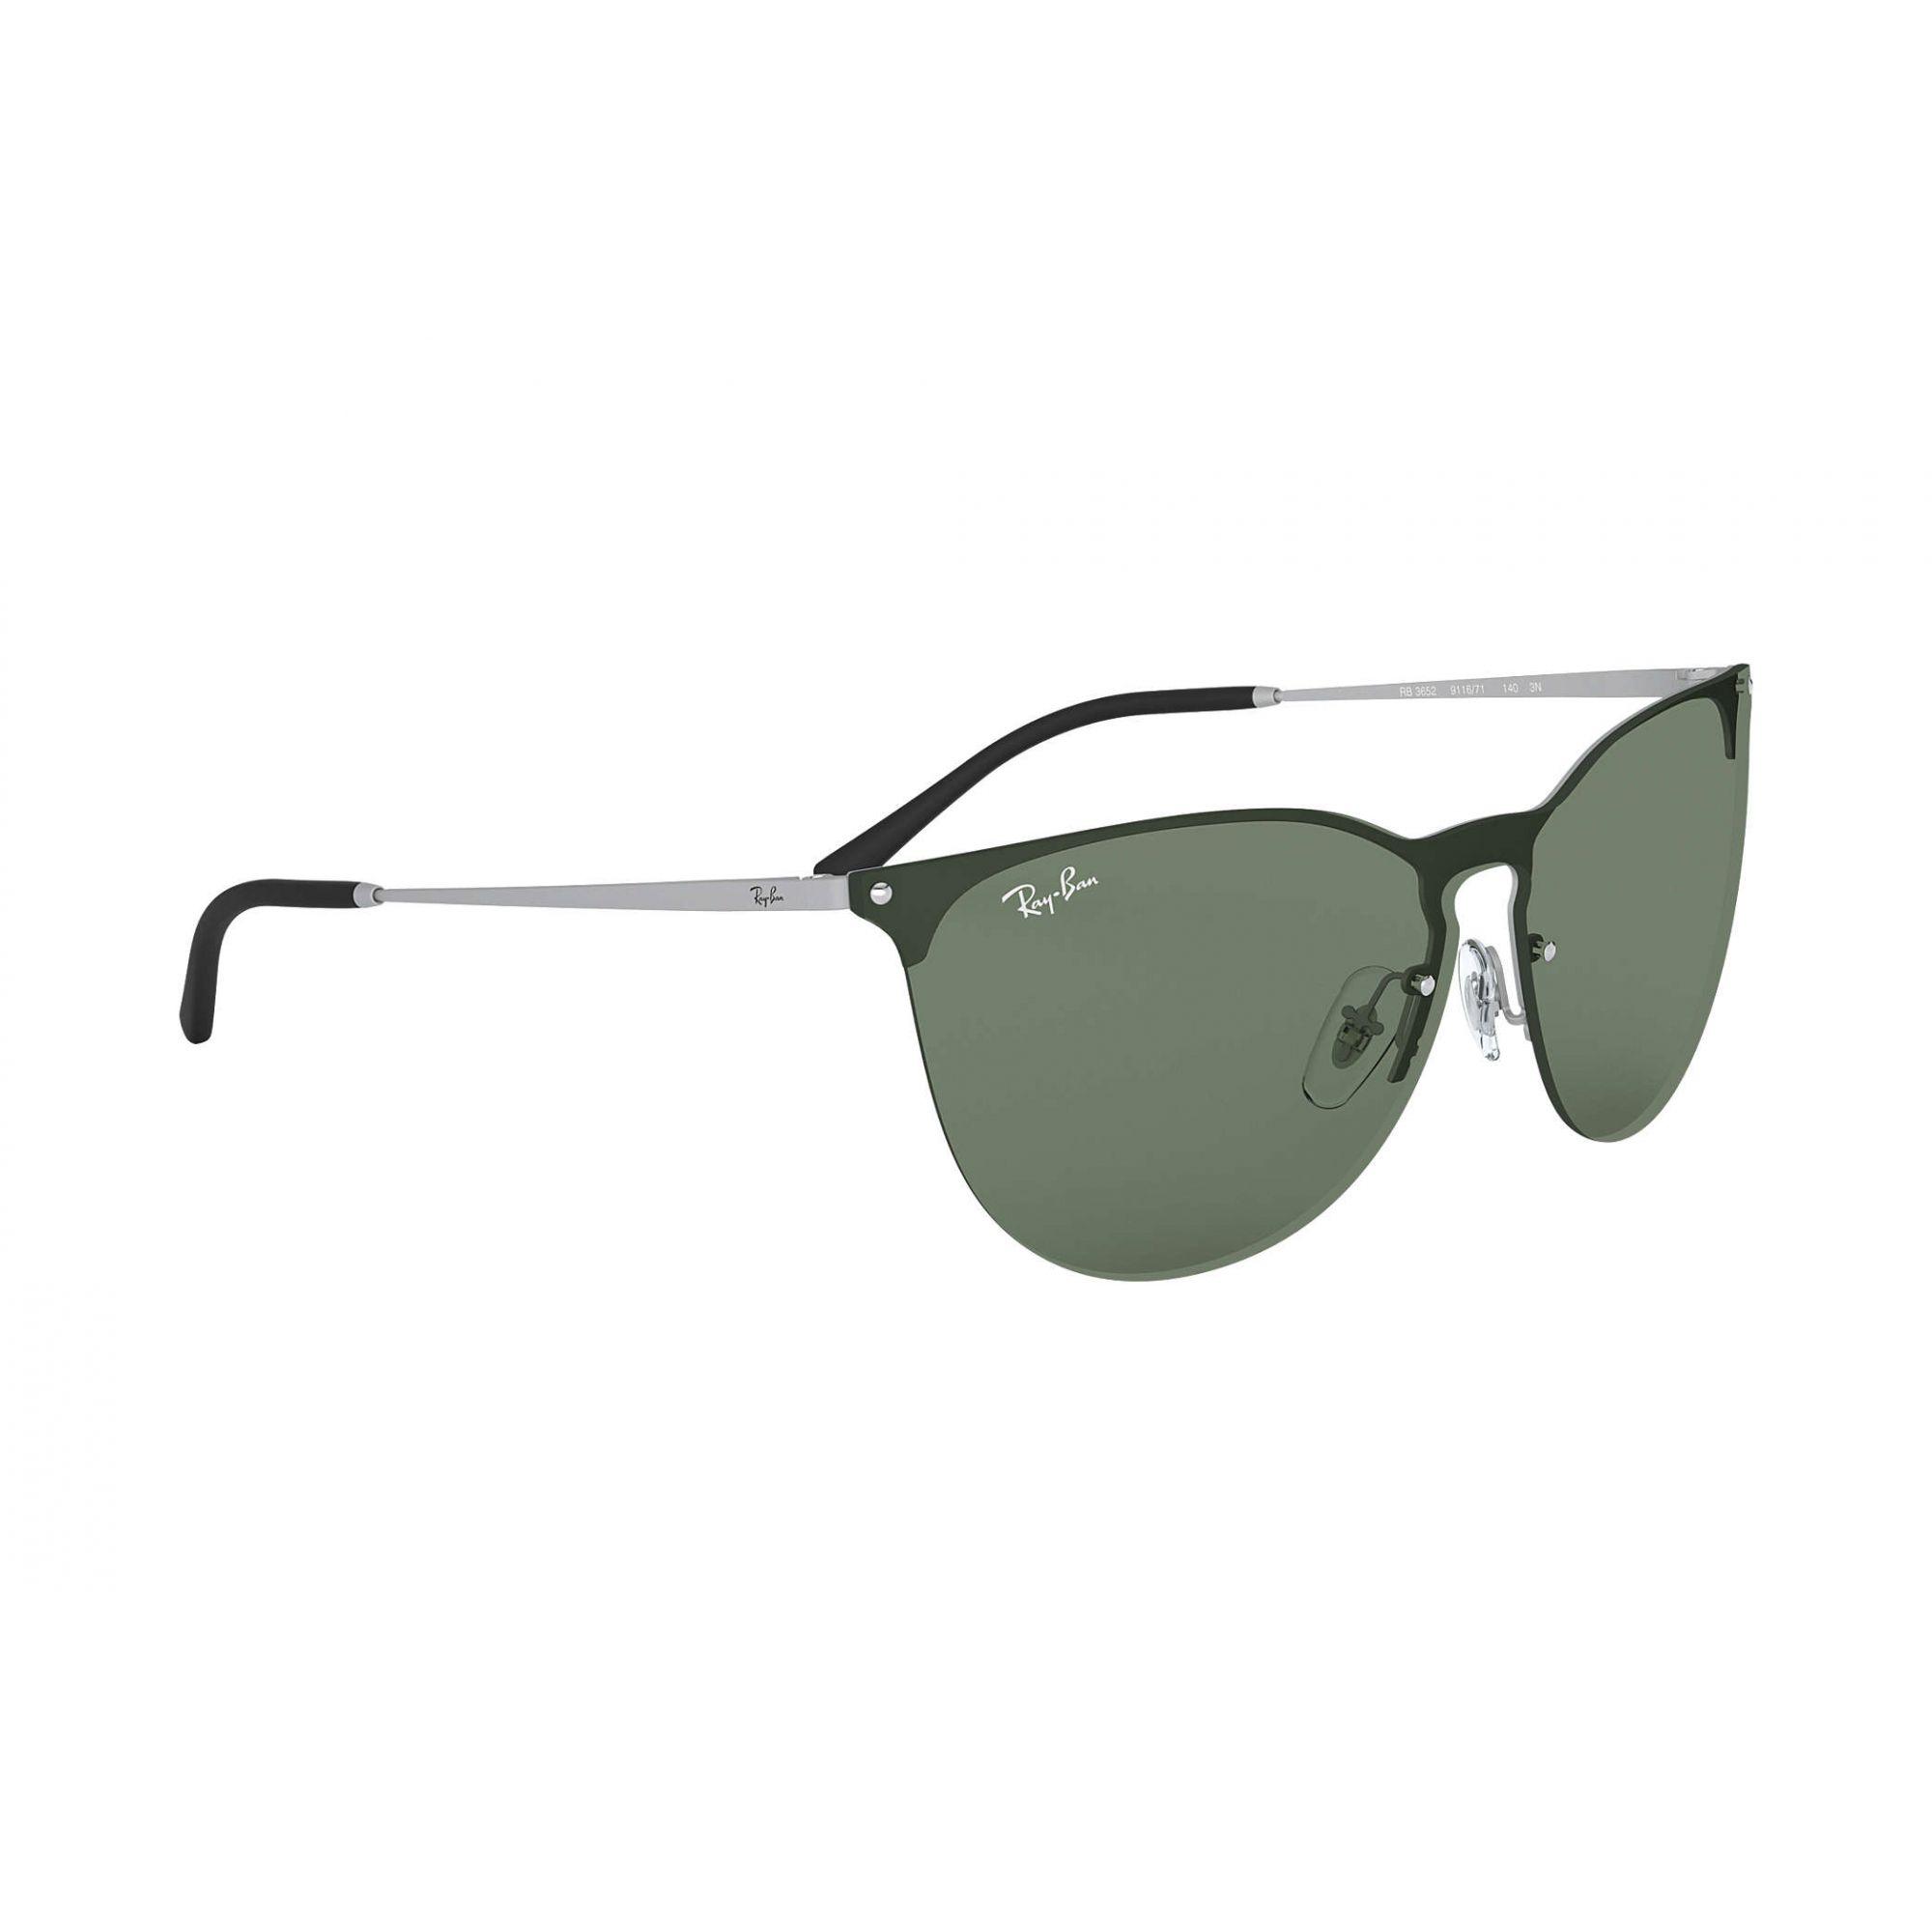 Ray Ban - RB3652 91167141 - Óculos de sol